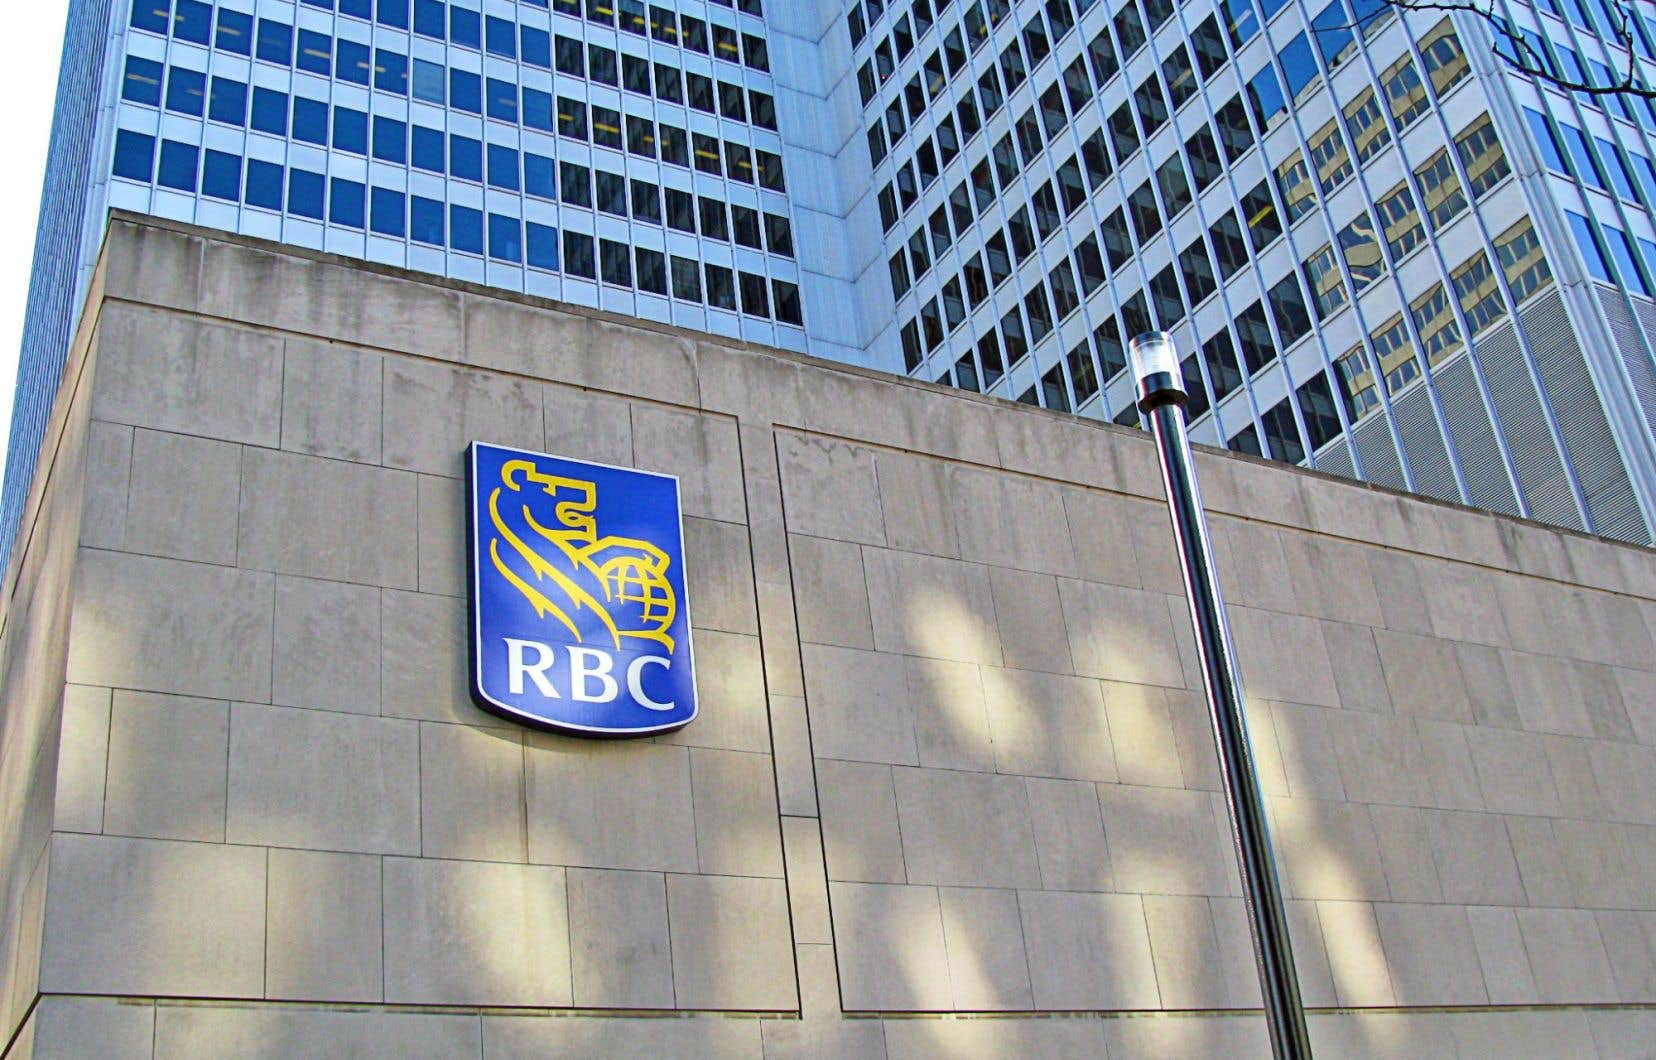 La banque a aussi procédé à des tests de tension pour voir comment réagirait l'ensemble de son portefeuille si une « tempête parfaite » regroupant plusieurs facteurs devait survenir.